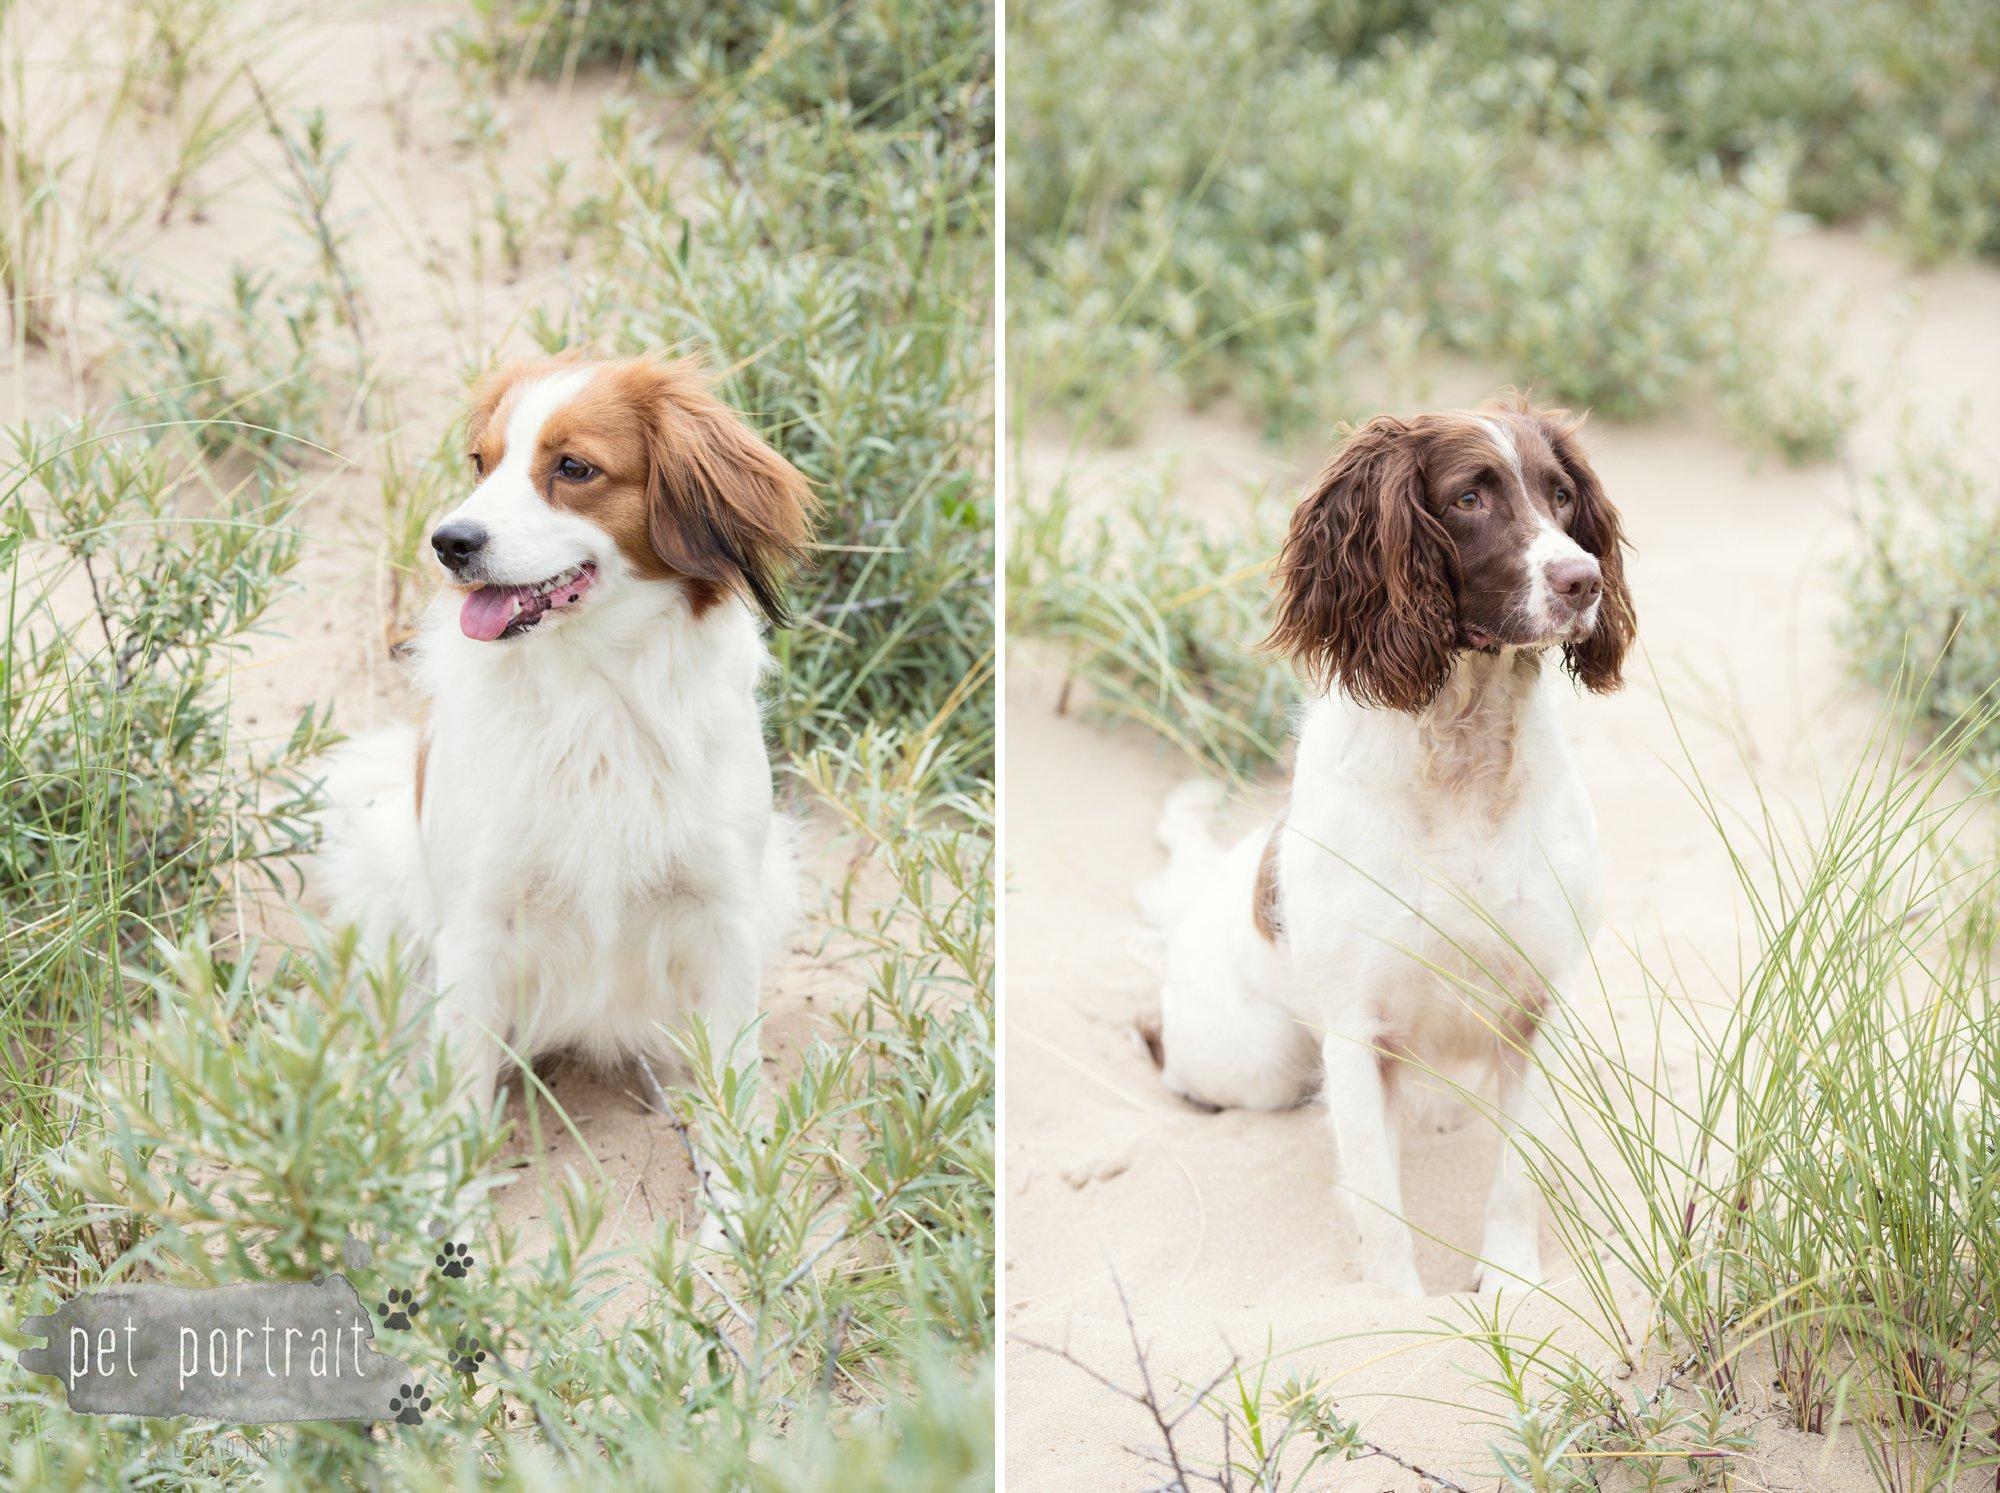 Hondenfotograaf Noordwijk - Springer Spaniel en Kooikerhondje-4